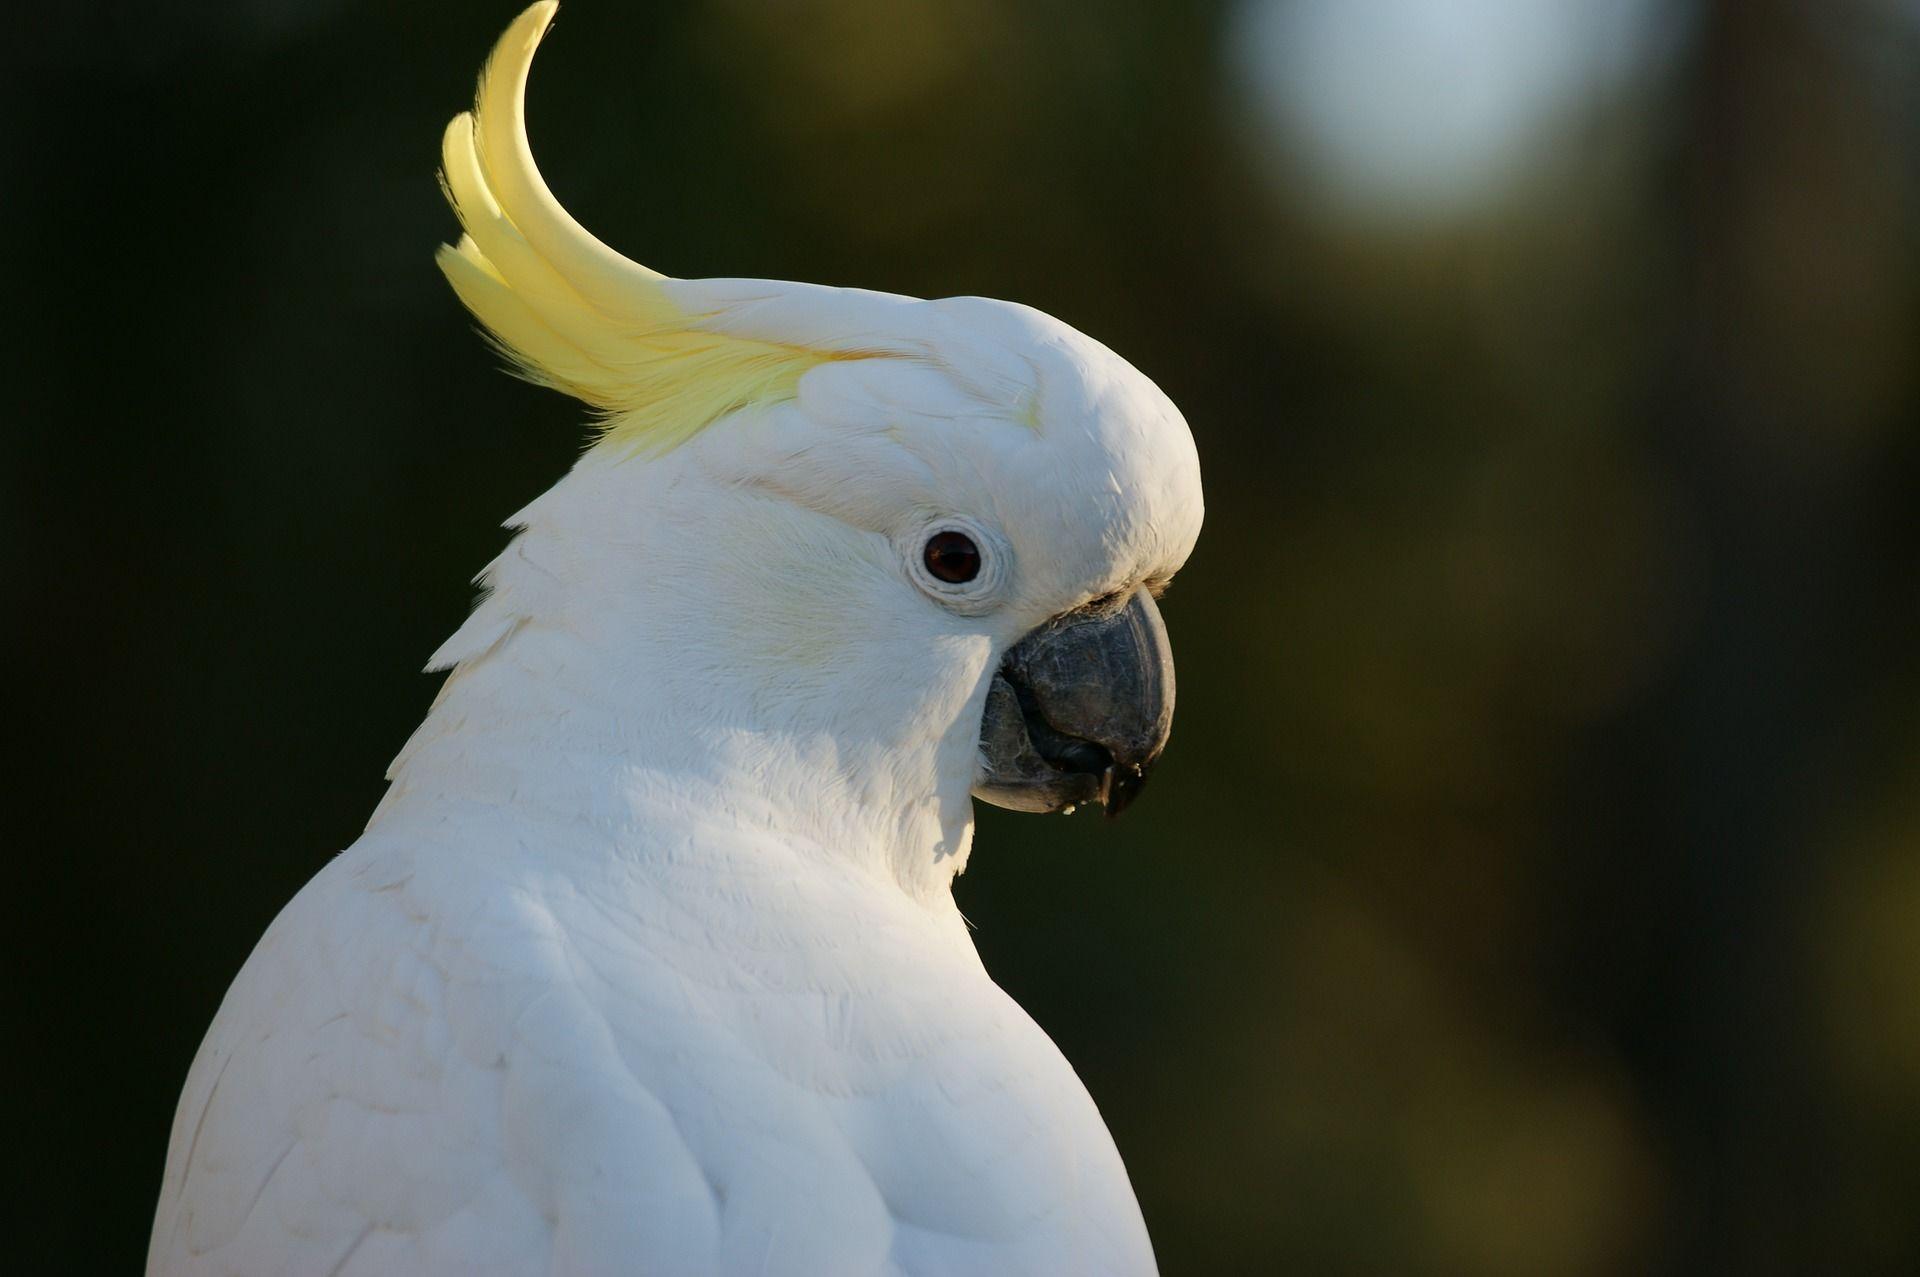 Смотреть красивую картинку птицы Какаду